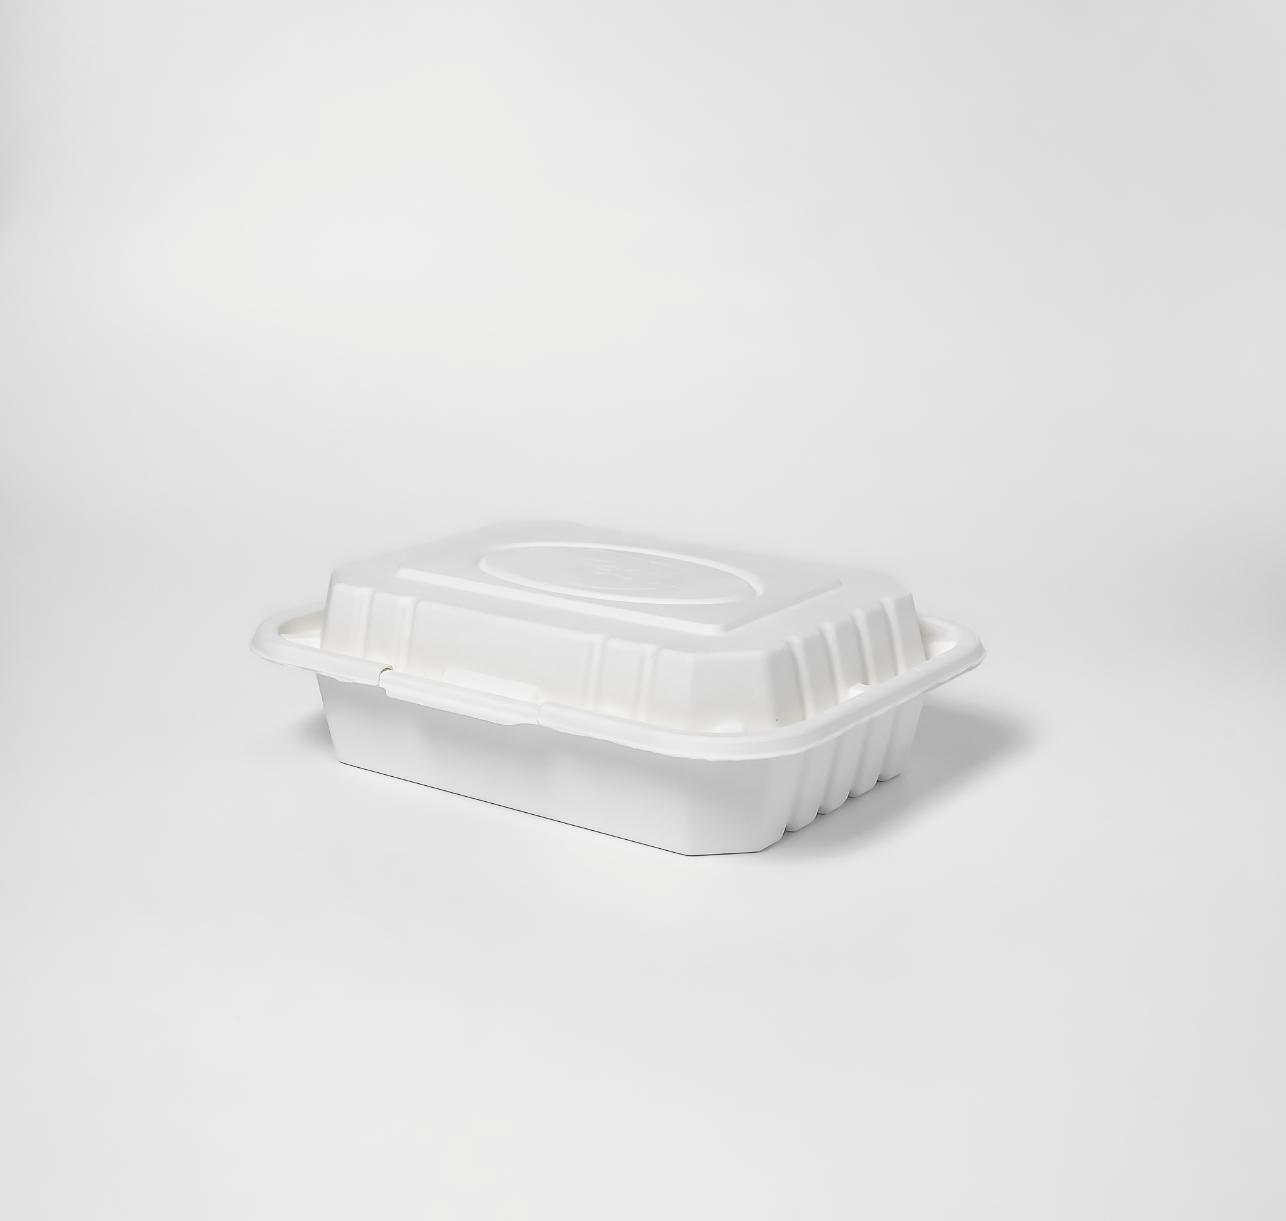 กล่องอาหารเยื่อธรรมชาติ 1000ml